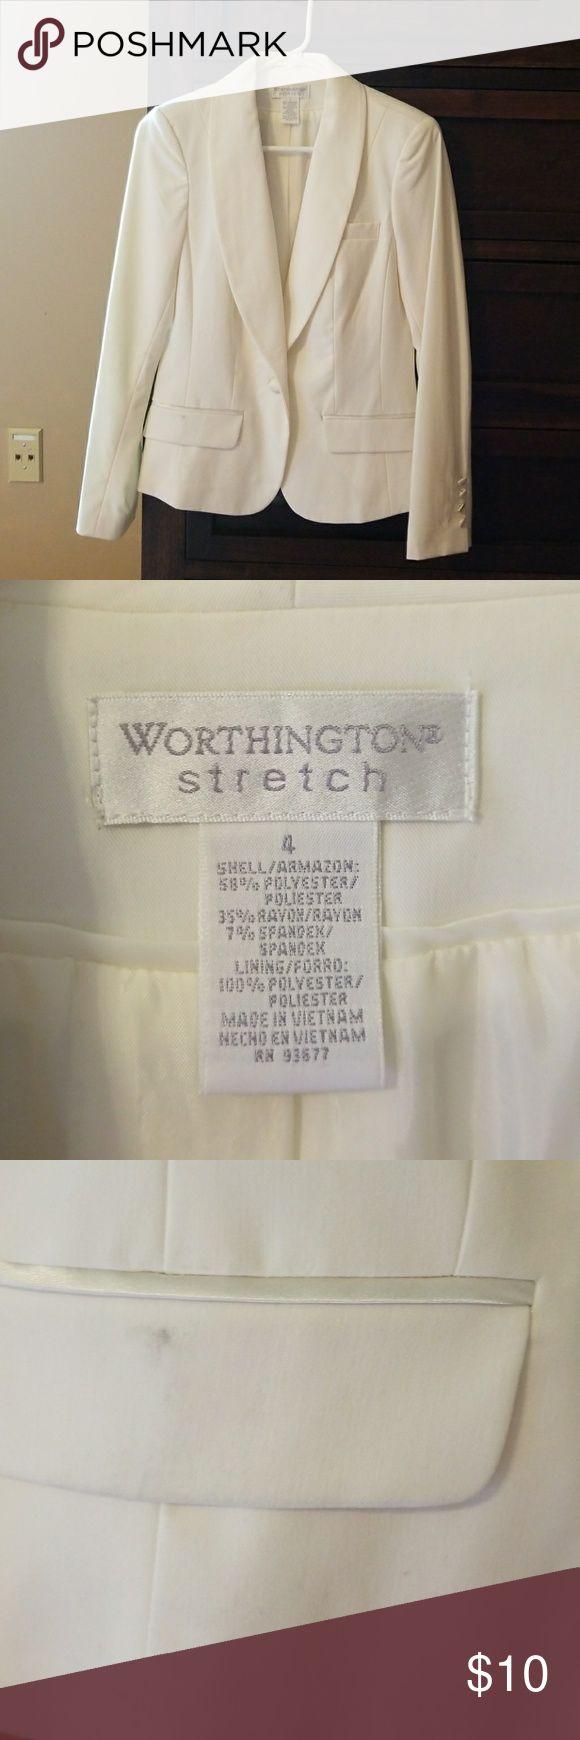 Suit Jacket, Worthington Stretch, ivory Women's suit jacket, ivory, good condition, small mark on pocket, size 4, smoke free home Worthington Jackets & Coats Blazers